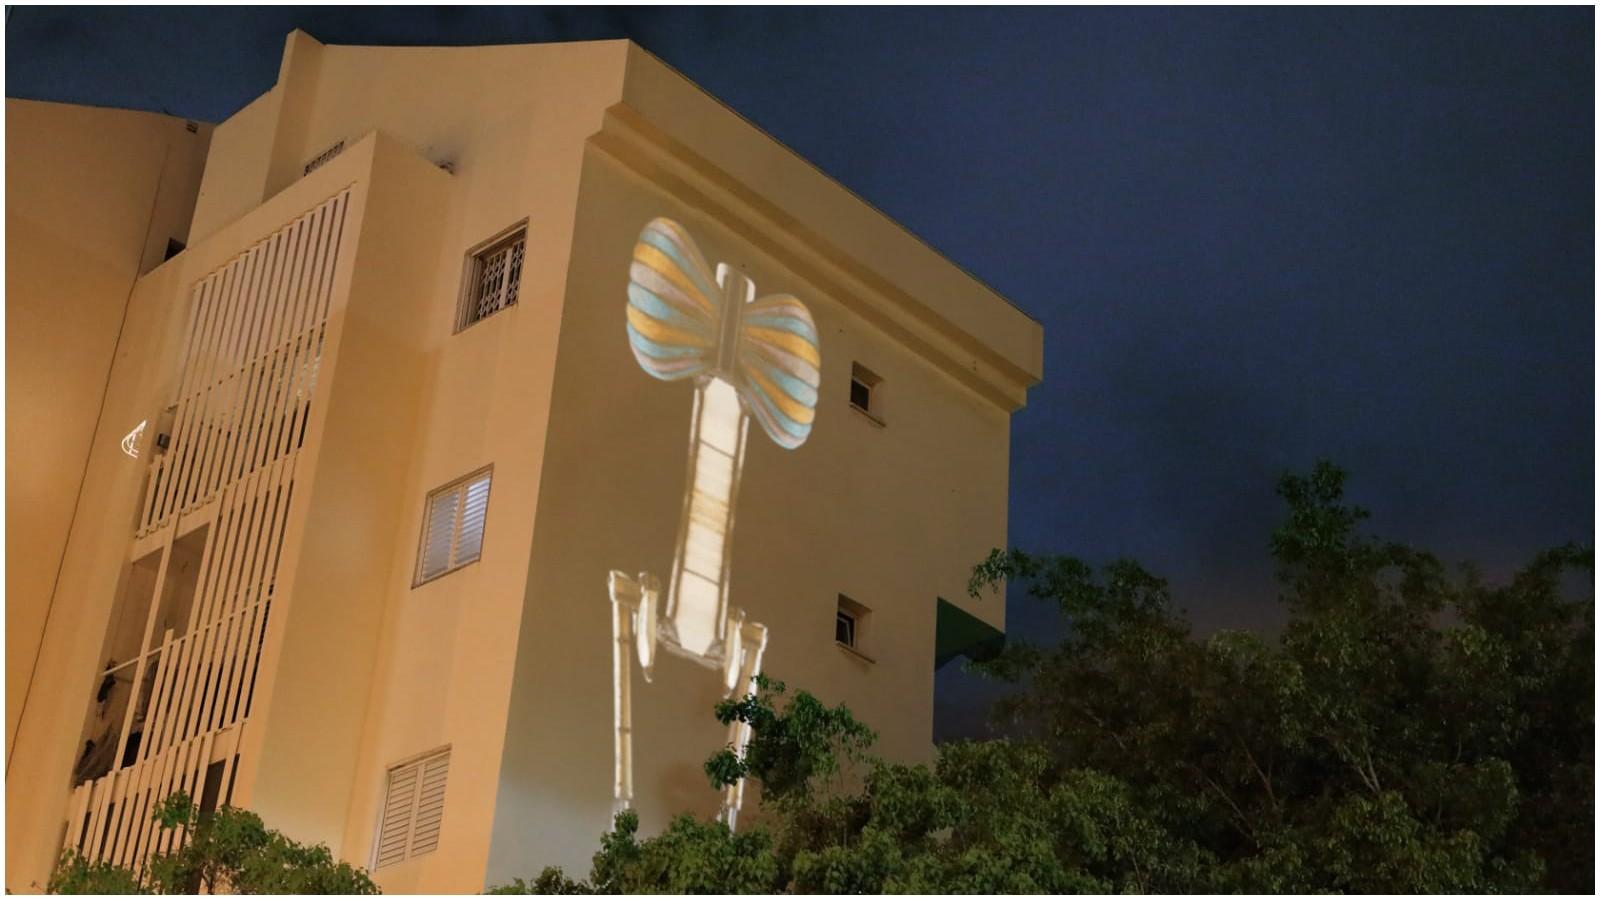 עבודת אמנות על קיר בניין בשכונת הדרים. צילום באדיבות חנה מנהיימר